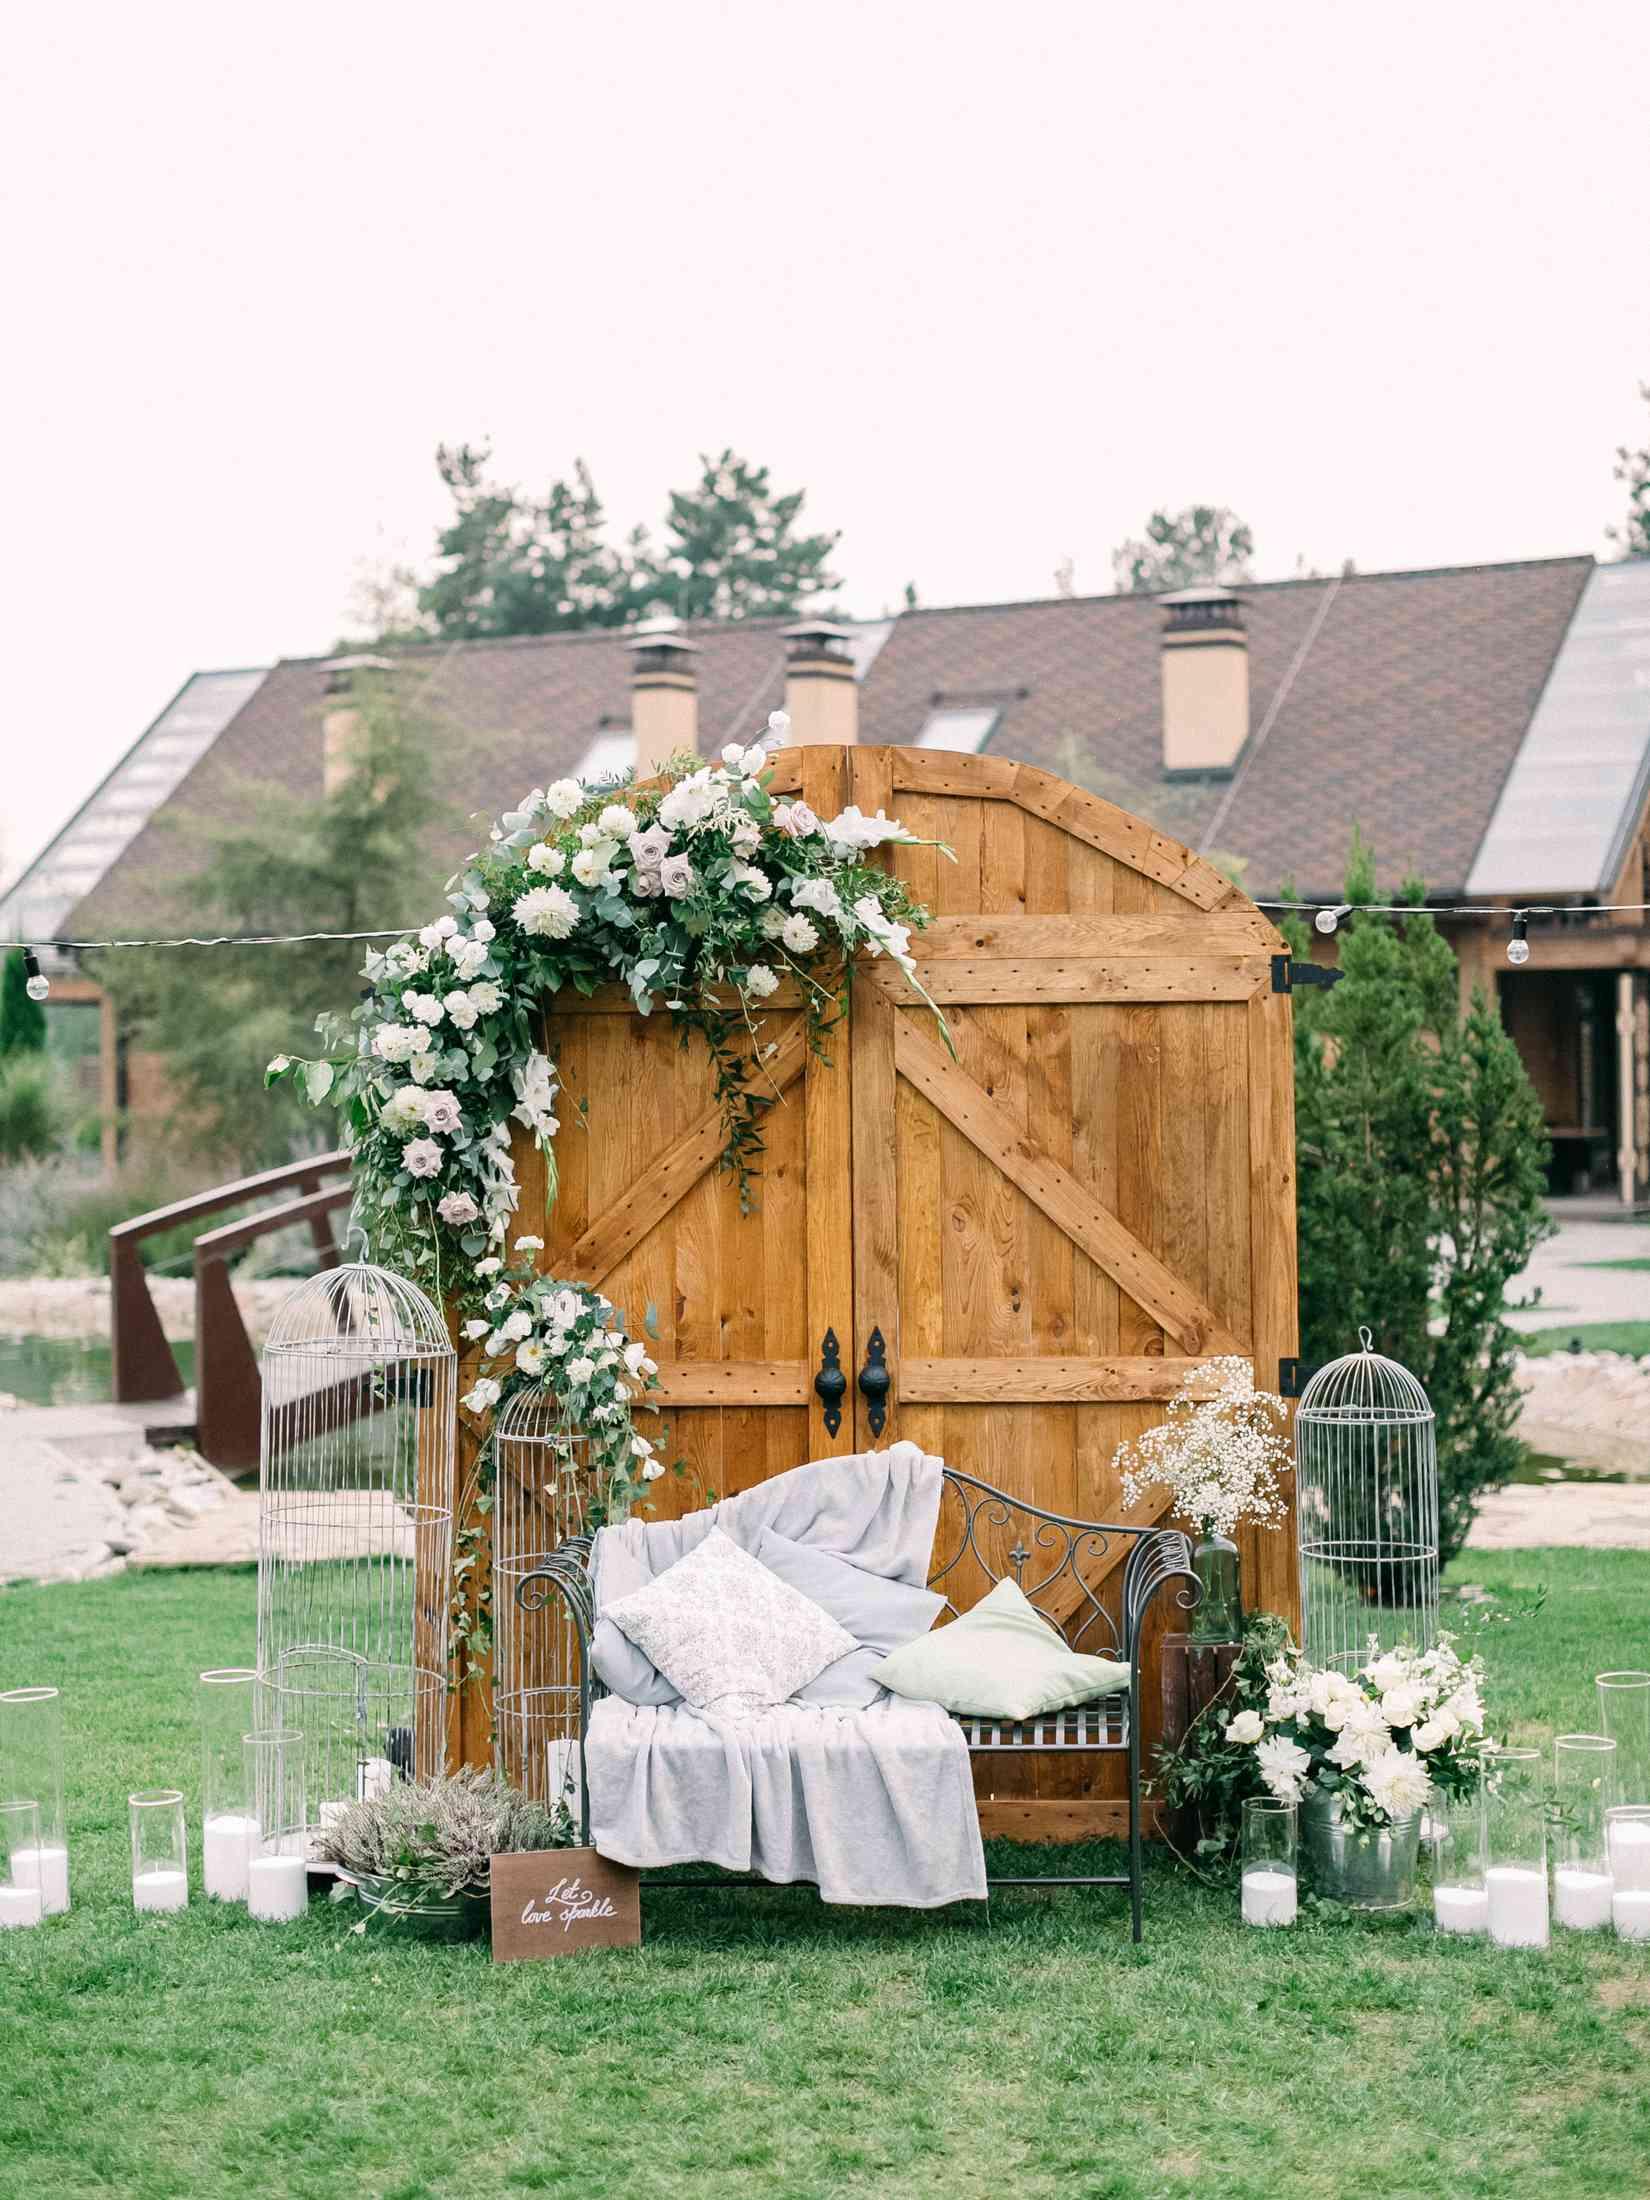 ворота (двери) свадебная церемония